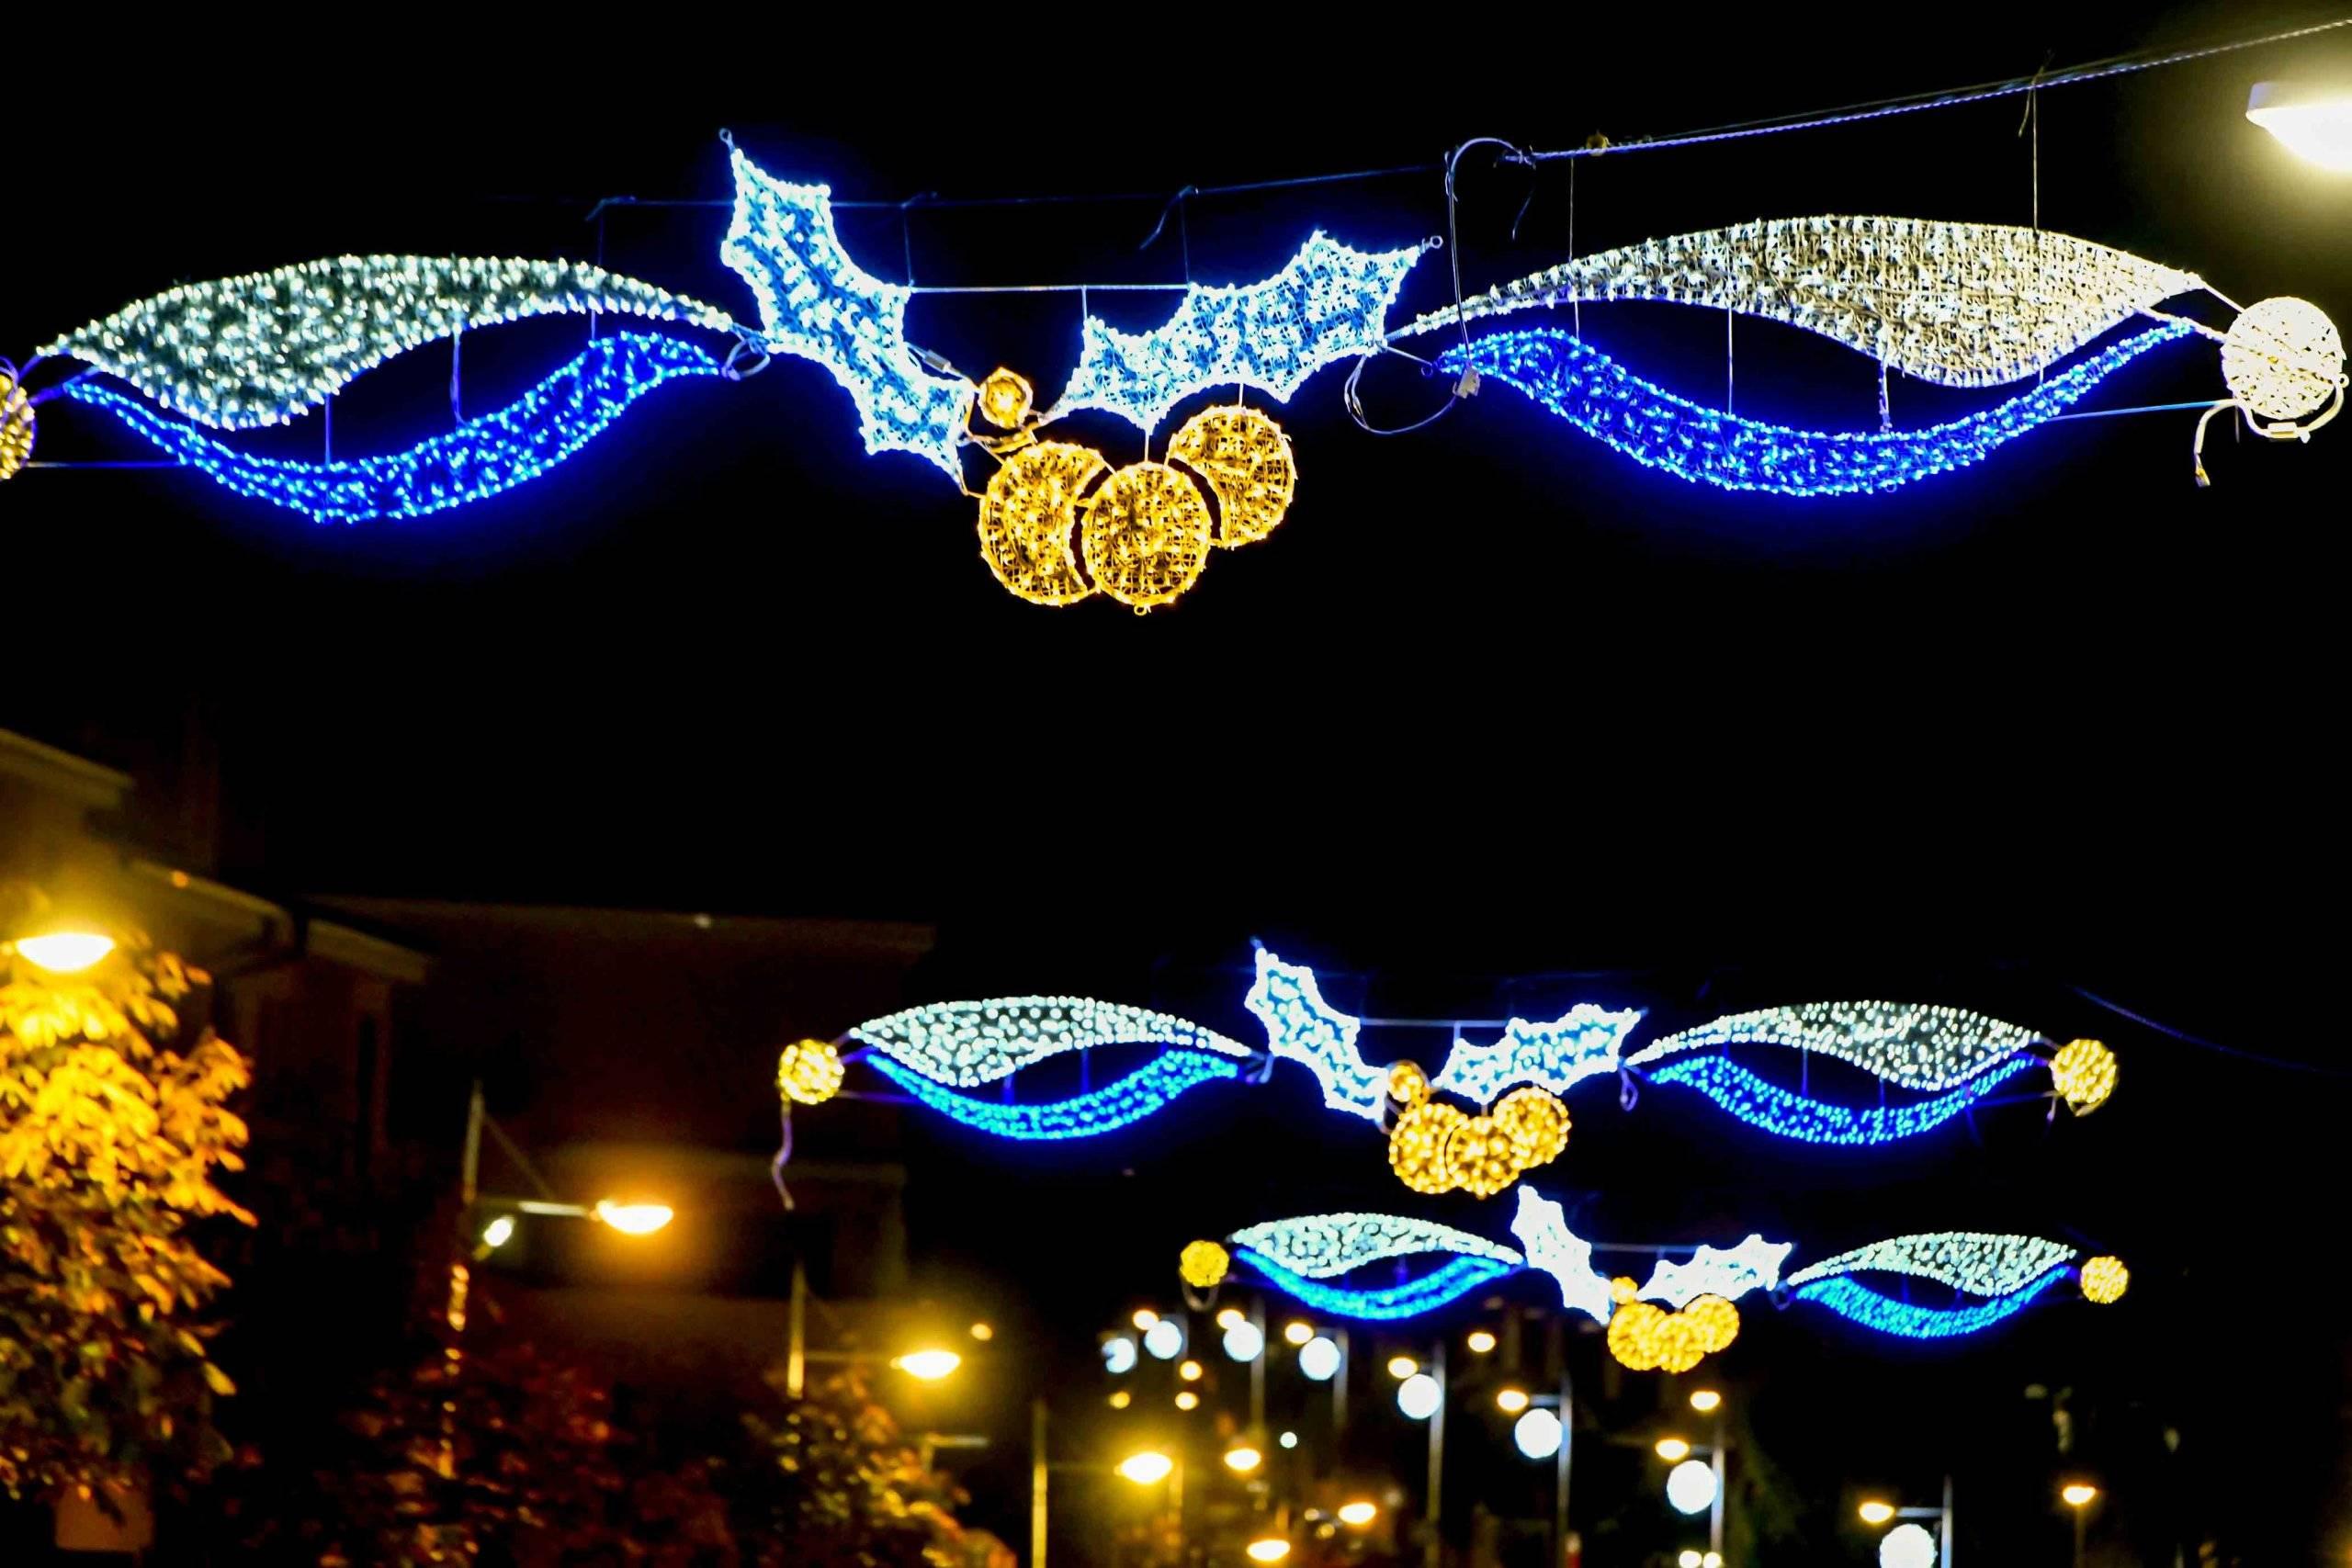 Imagen de la decoración navideña.